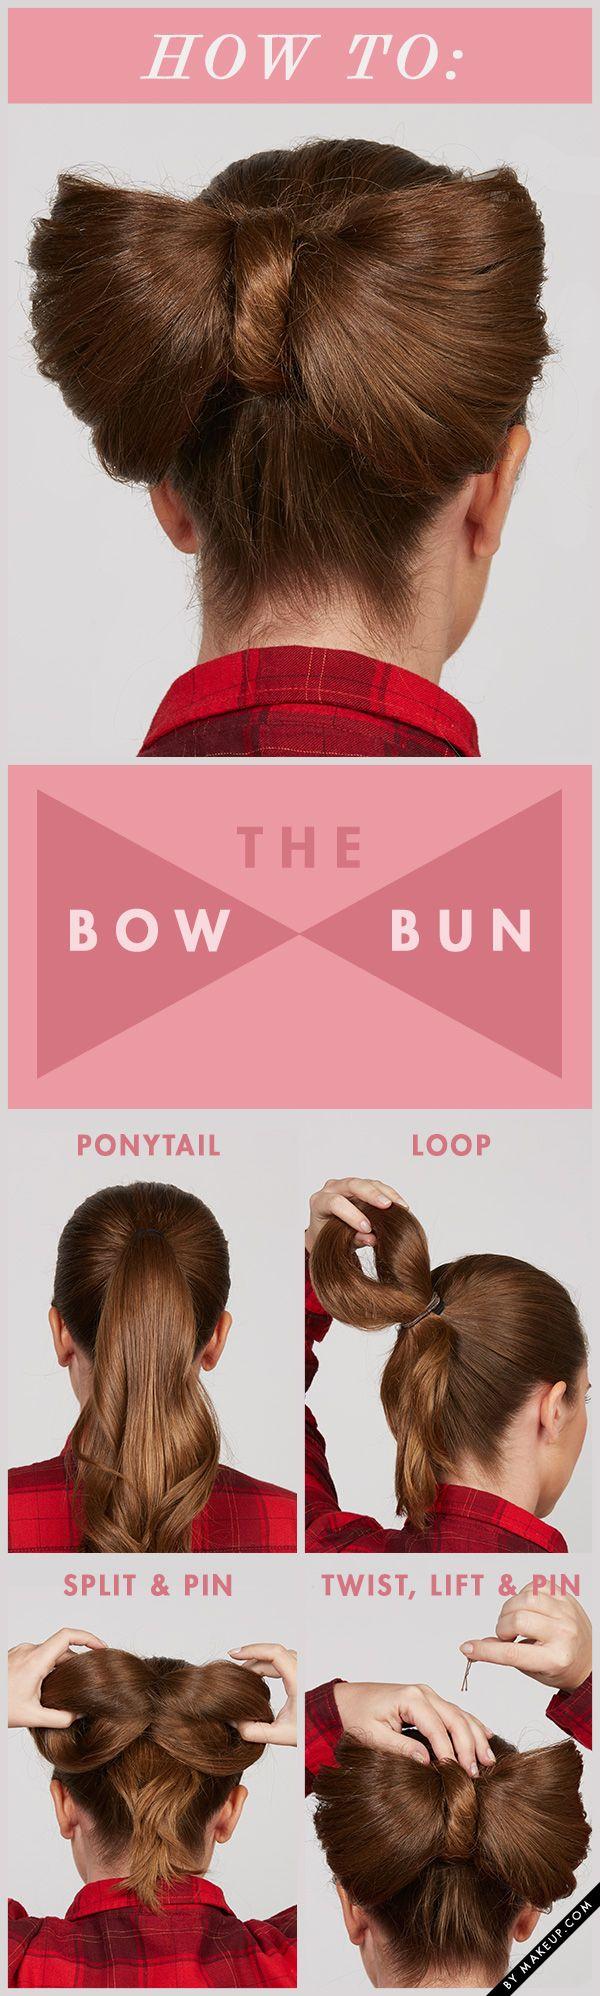 how to do a bow bun // #hair